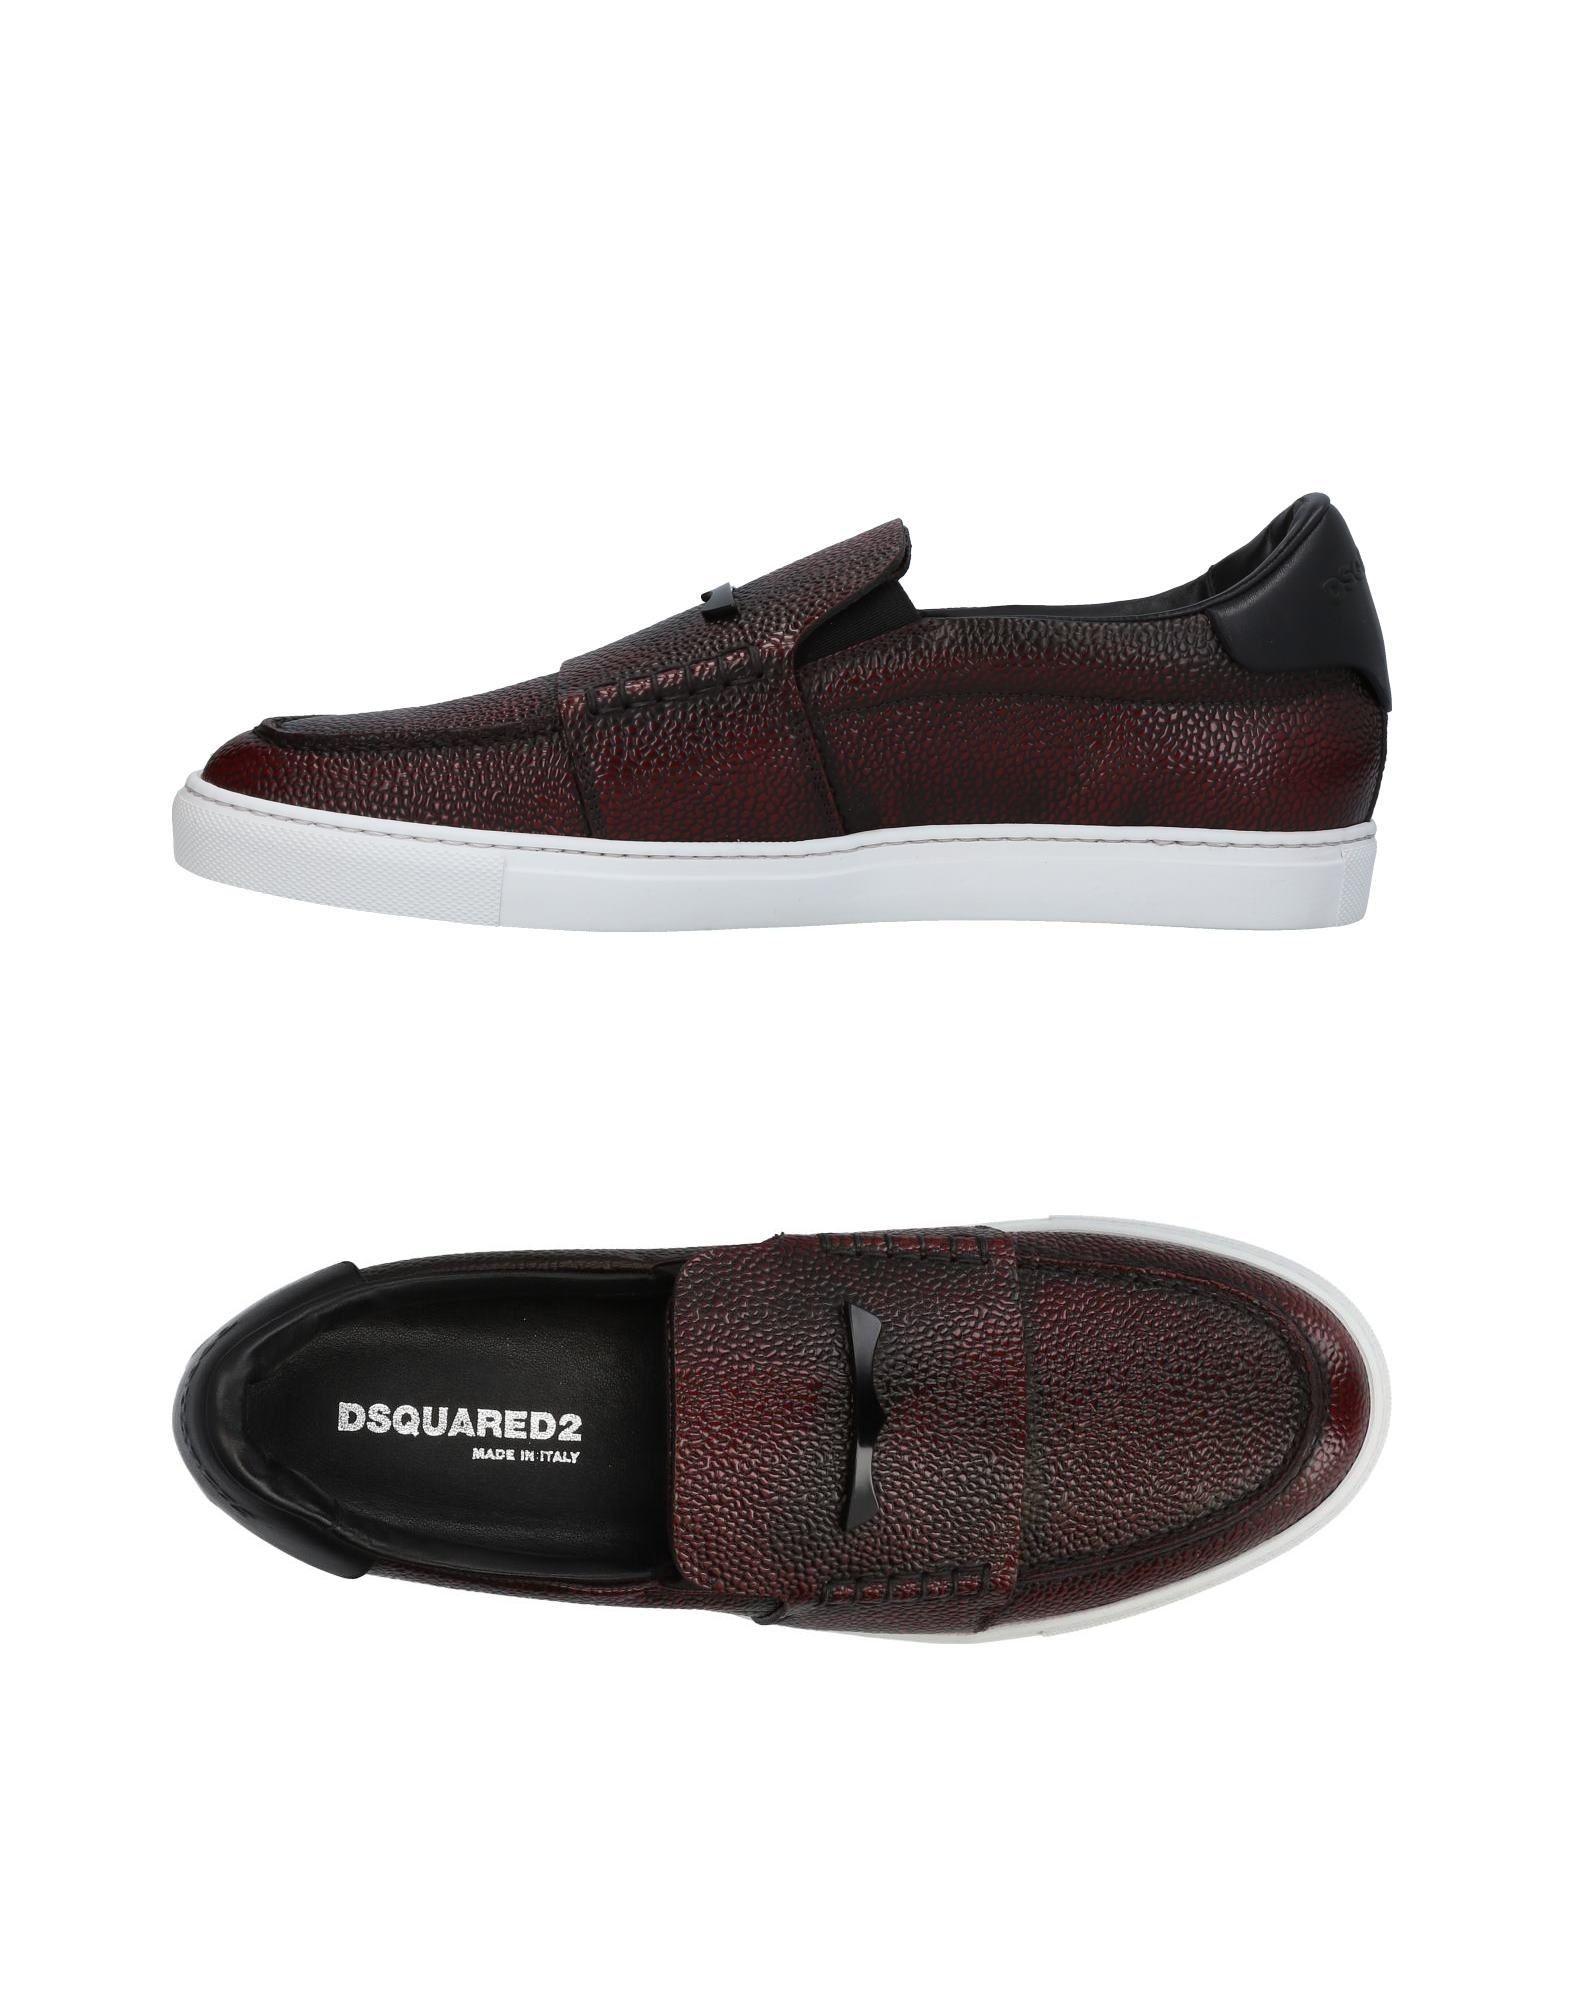 Dsquared2 Sneakers Herren  11421977TK Gute Qualität beliebte Schuhe